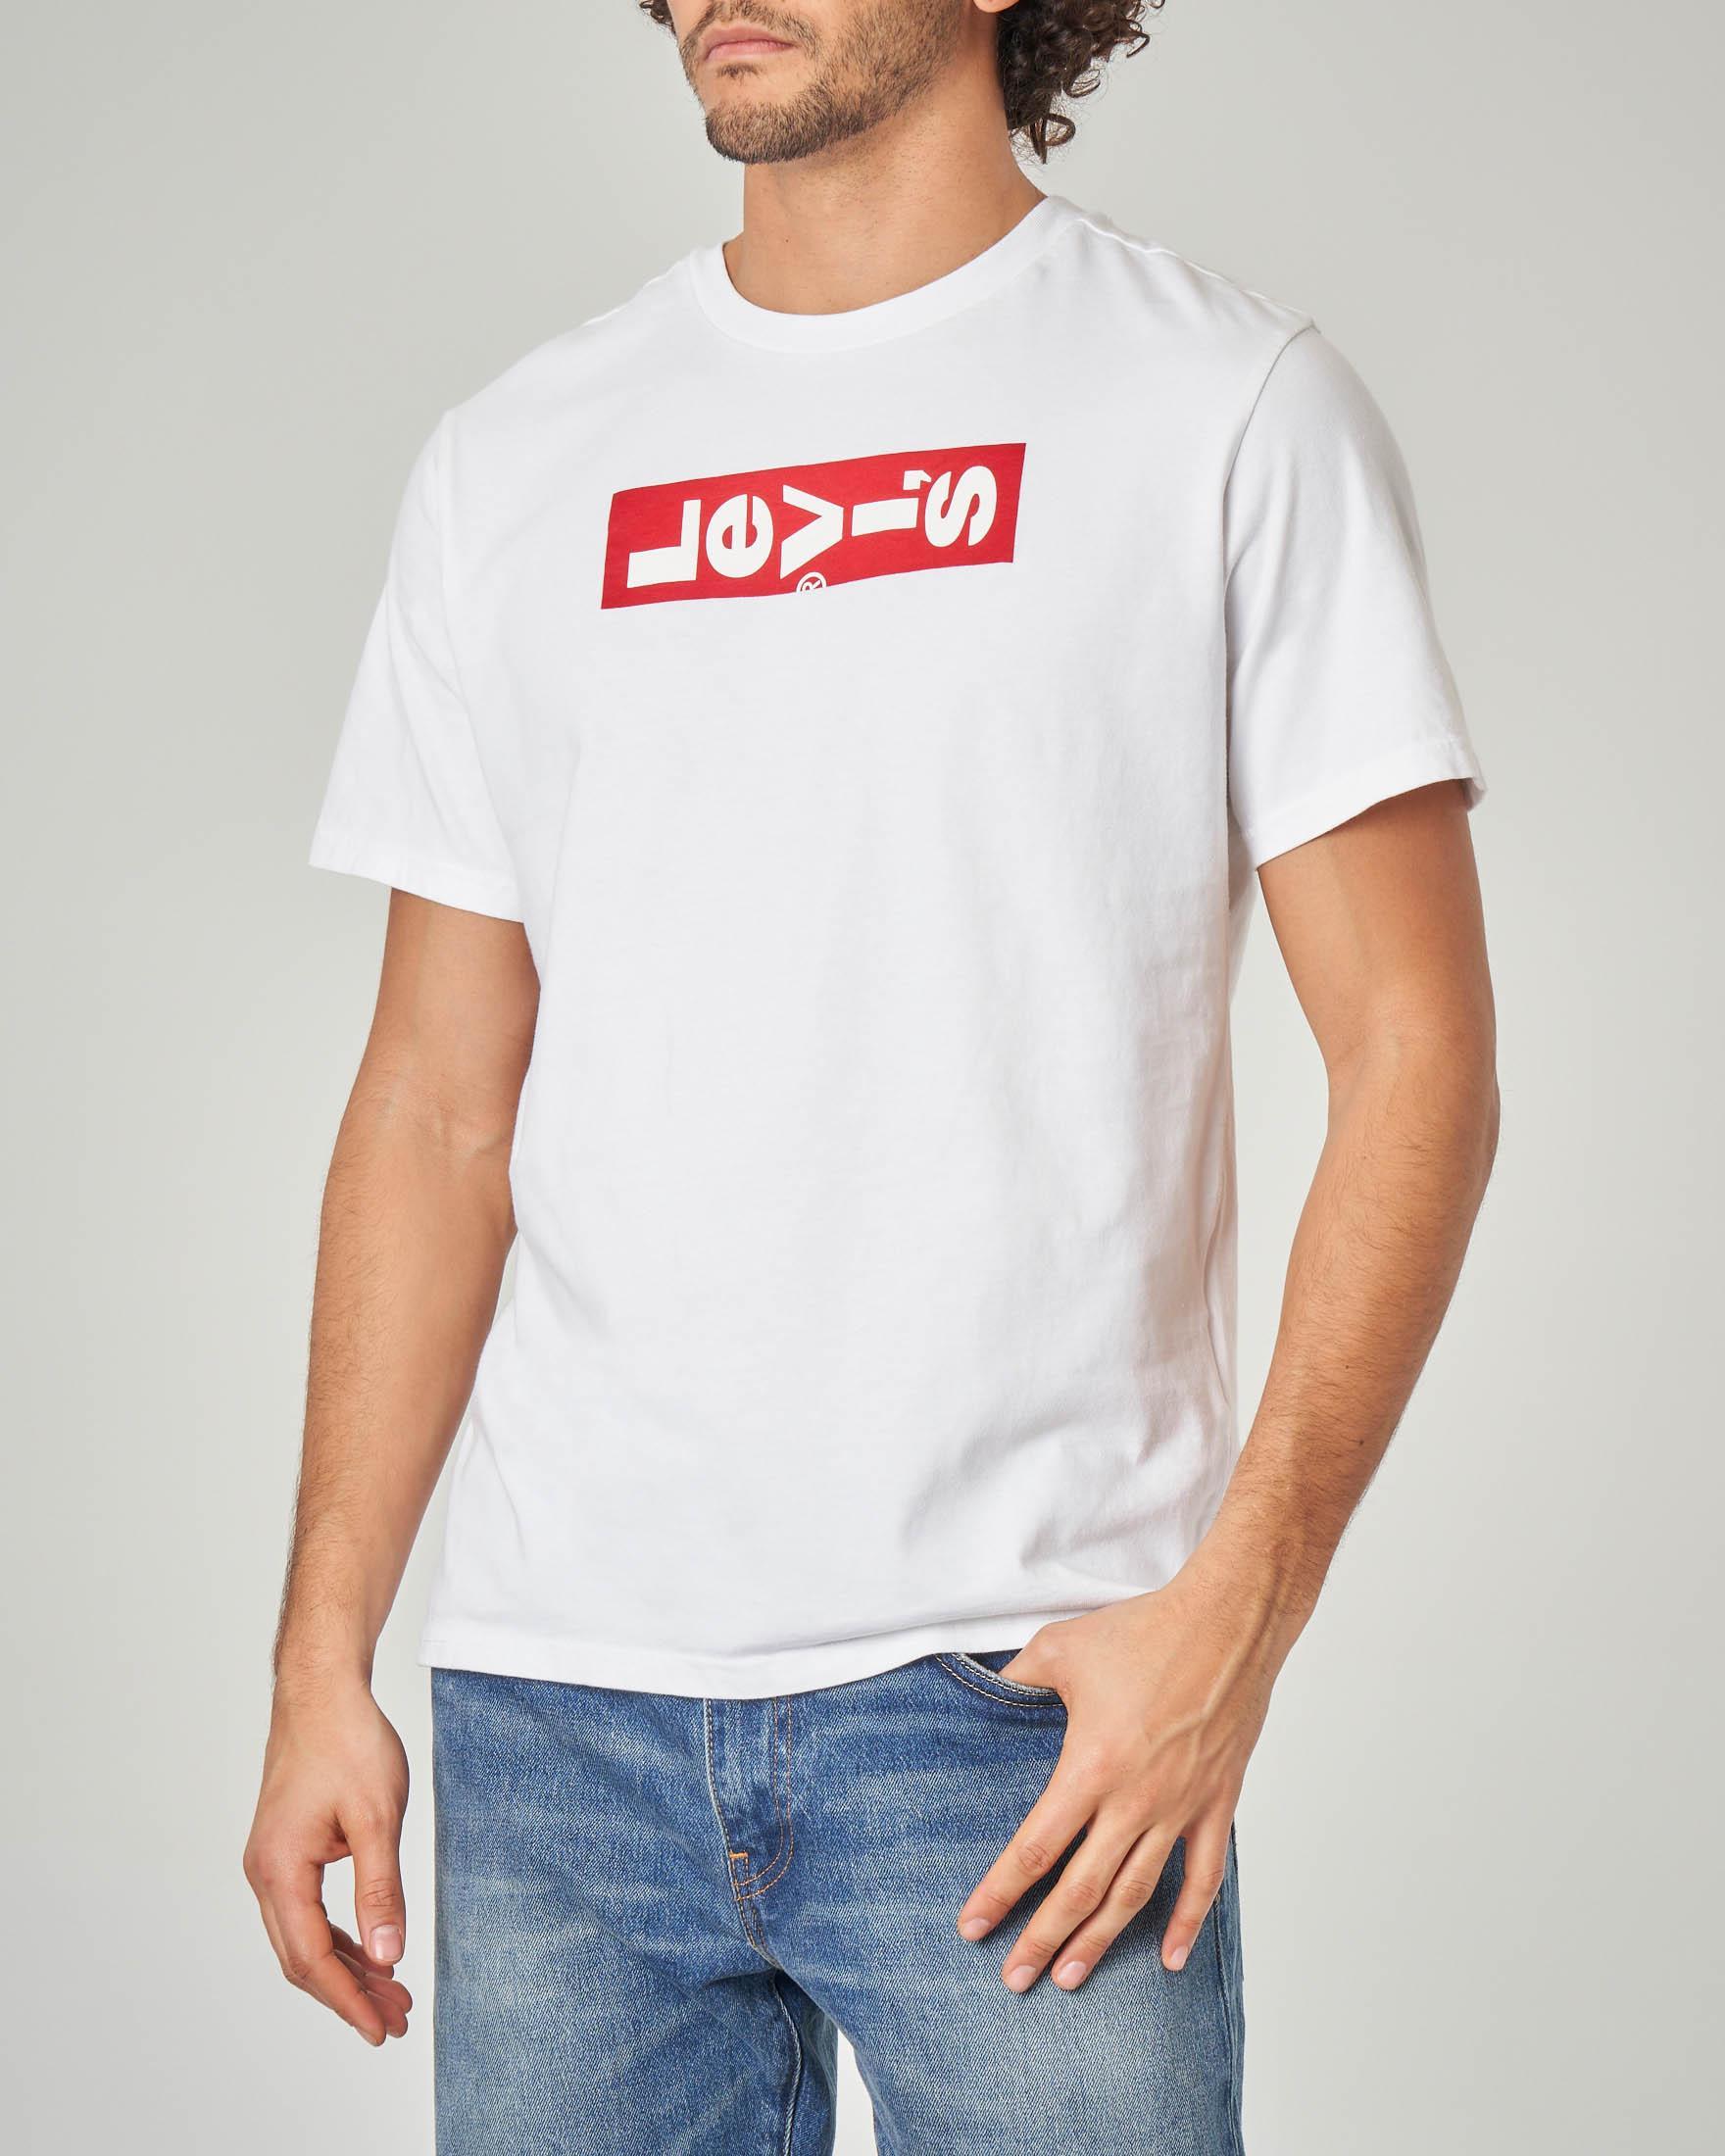 T-shirt bianca con logo rovesciato